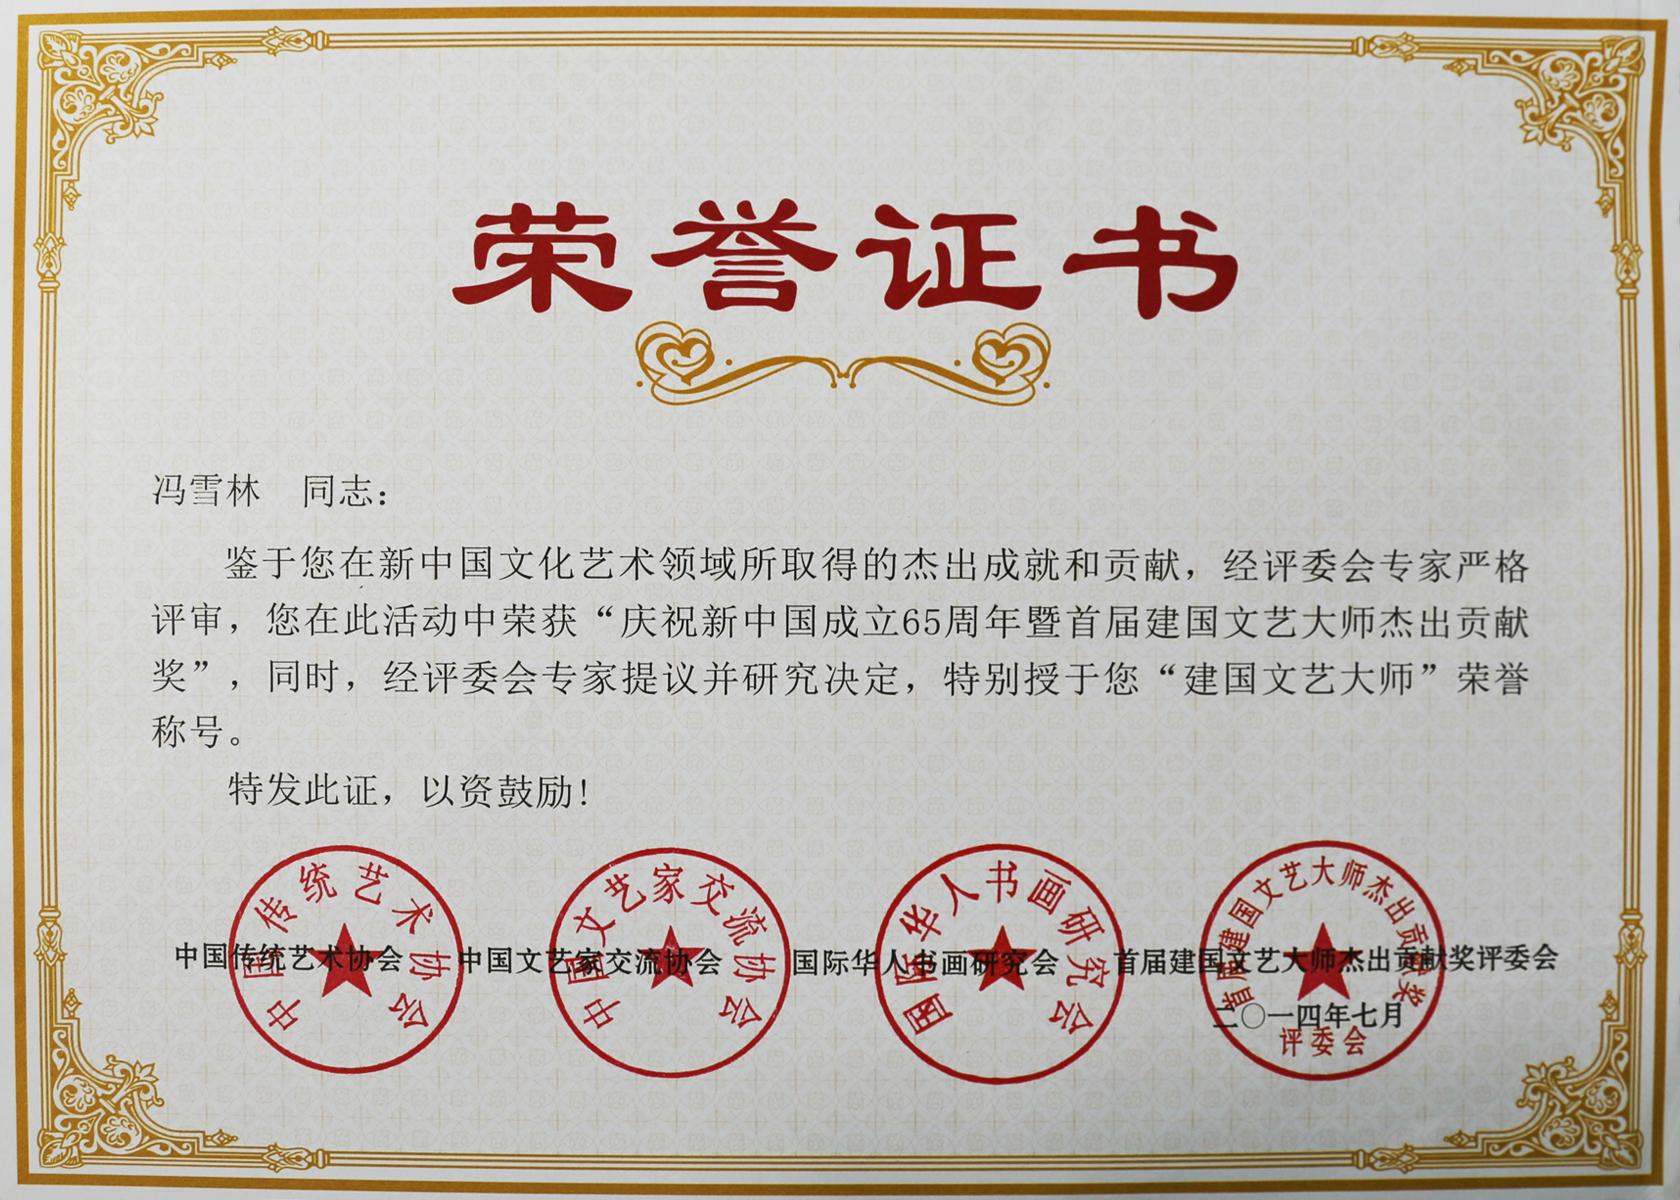 """庆祝新中国成立65周年暨首届建国文艺大师杰出贡献奖、""""建国文艺大师""""荣誉称号"""